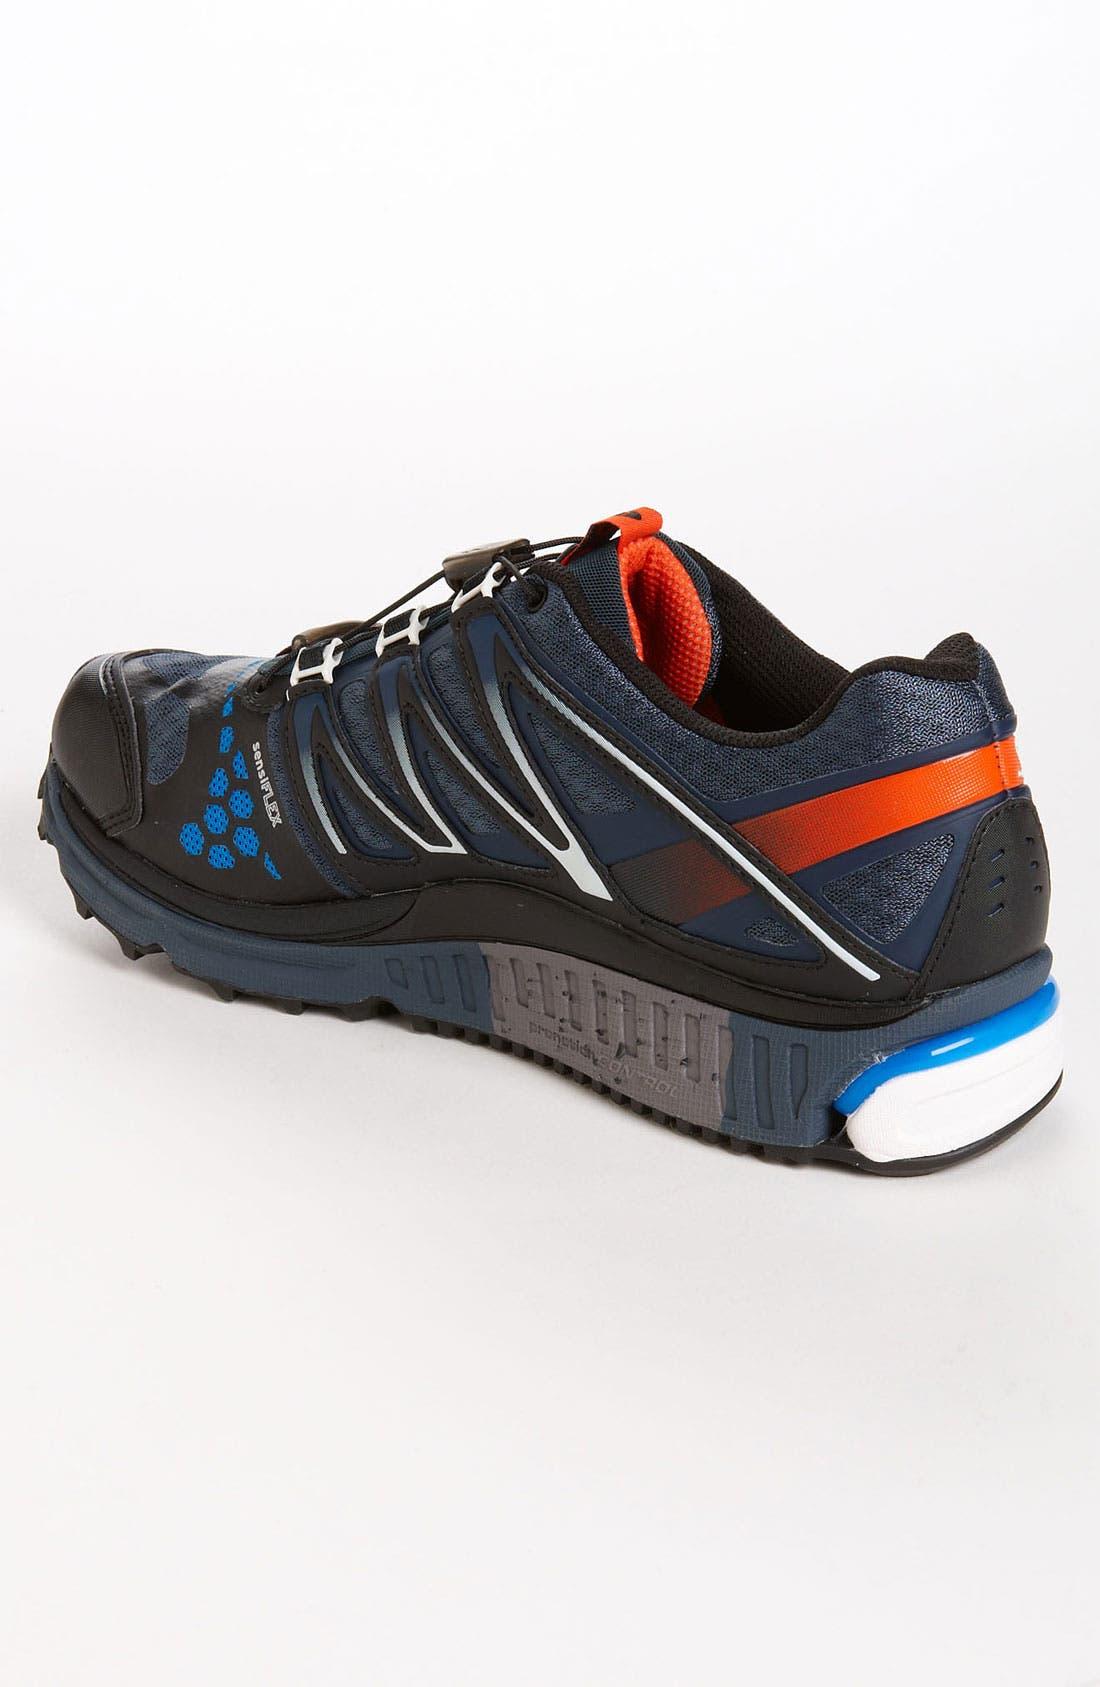 Alternate Image 2  - Salomon 'XR Crossmax Guidance' Trail Running Shoe (Men)